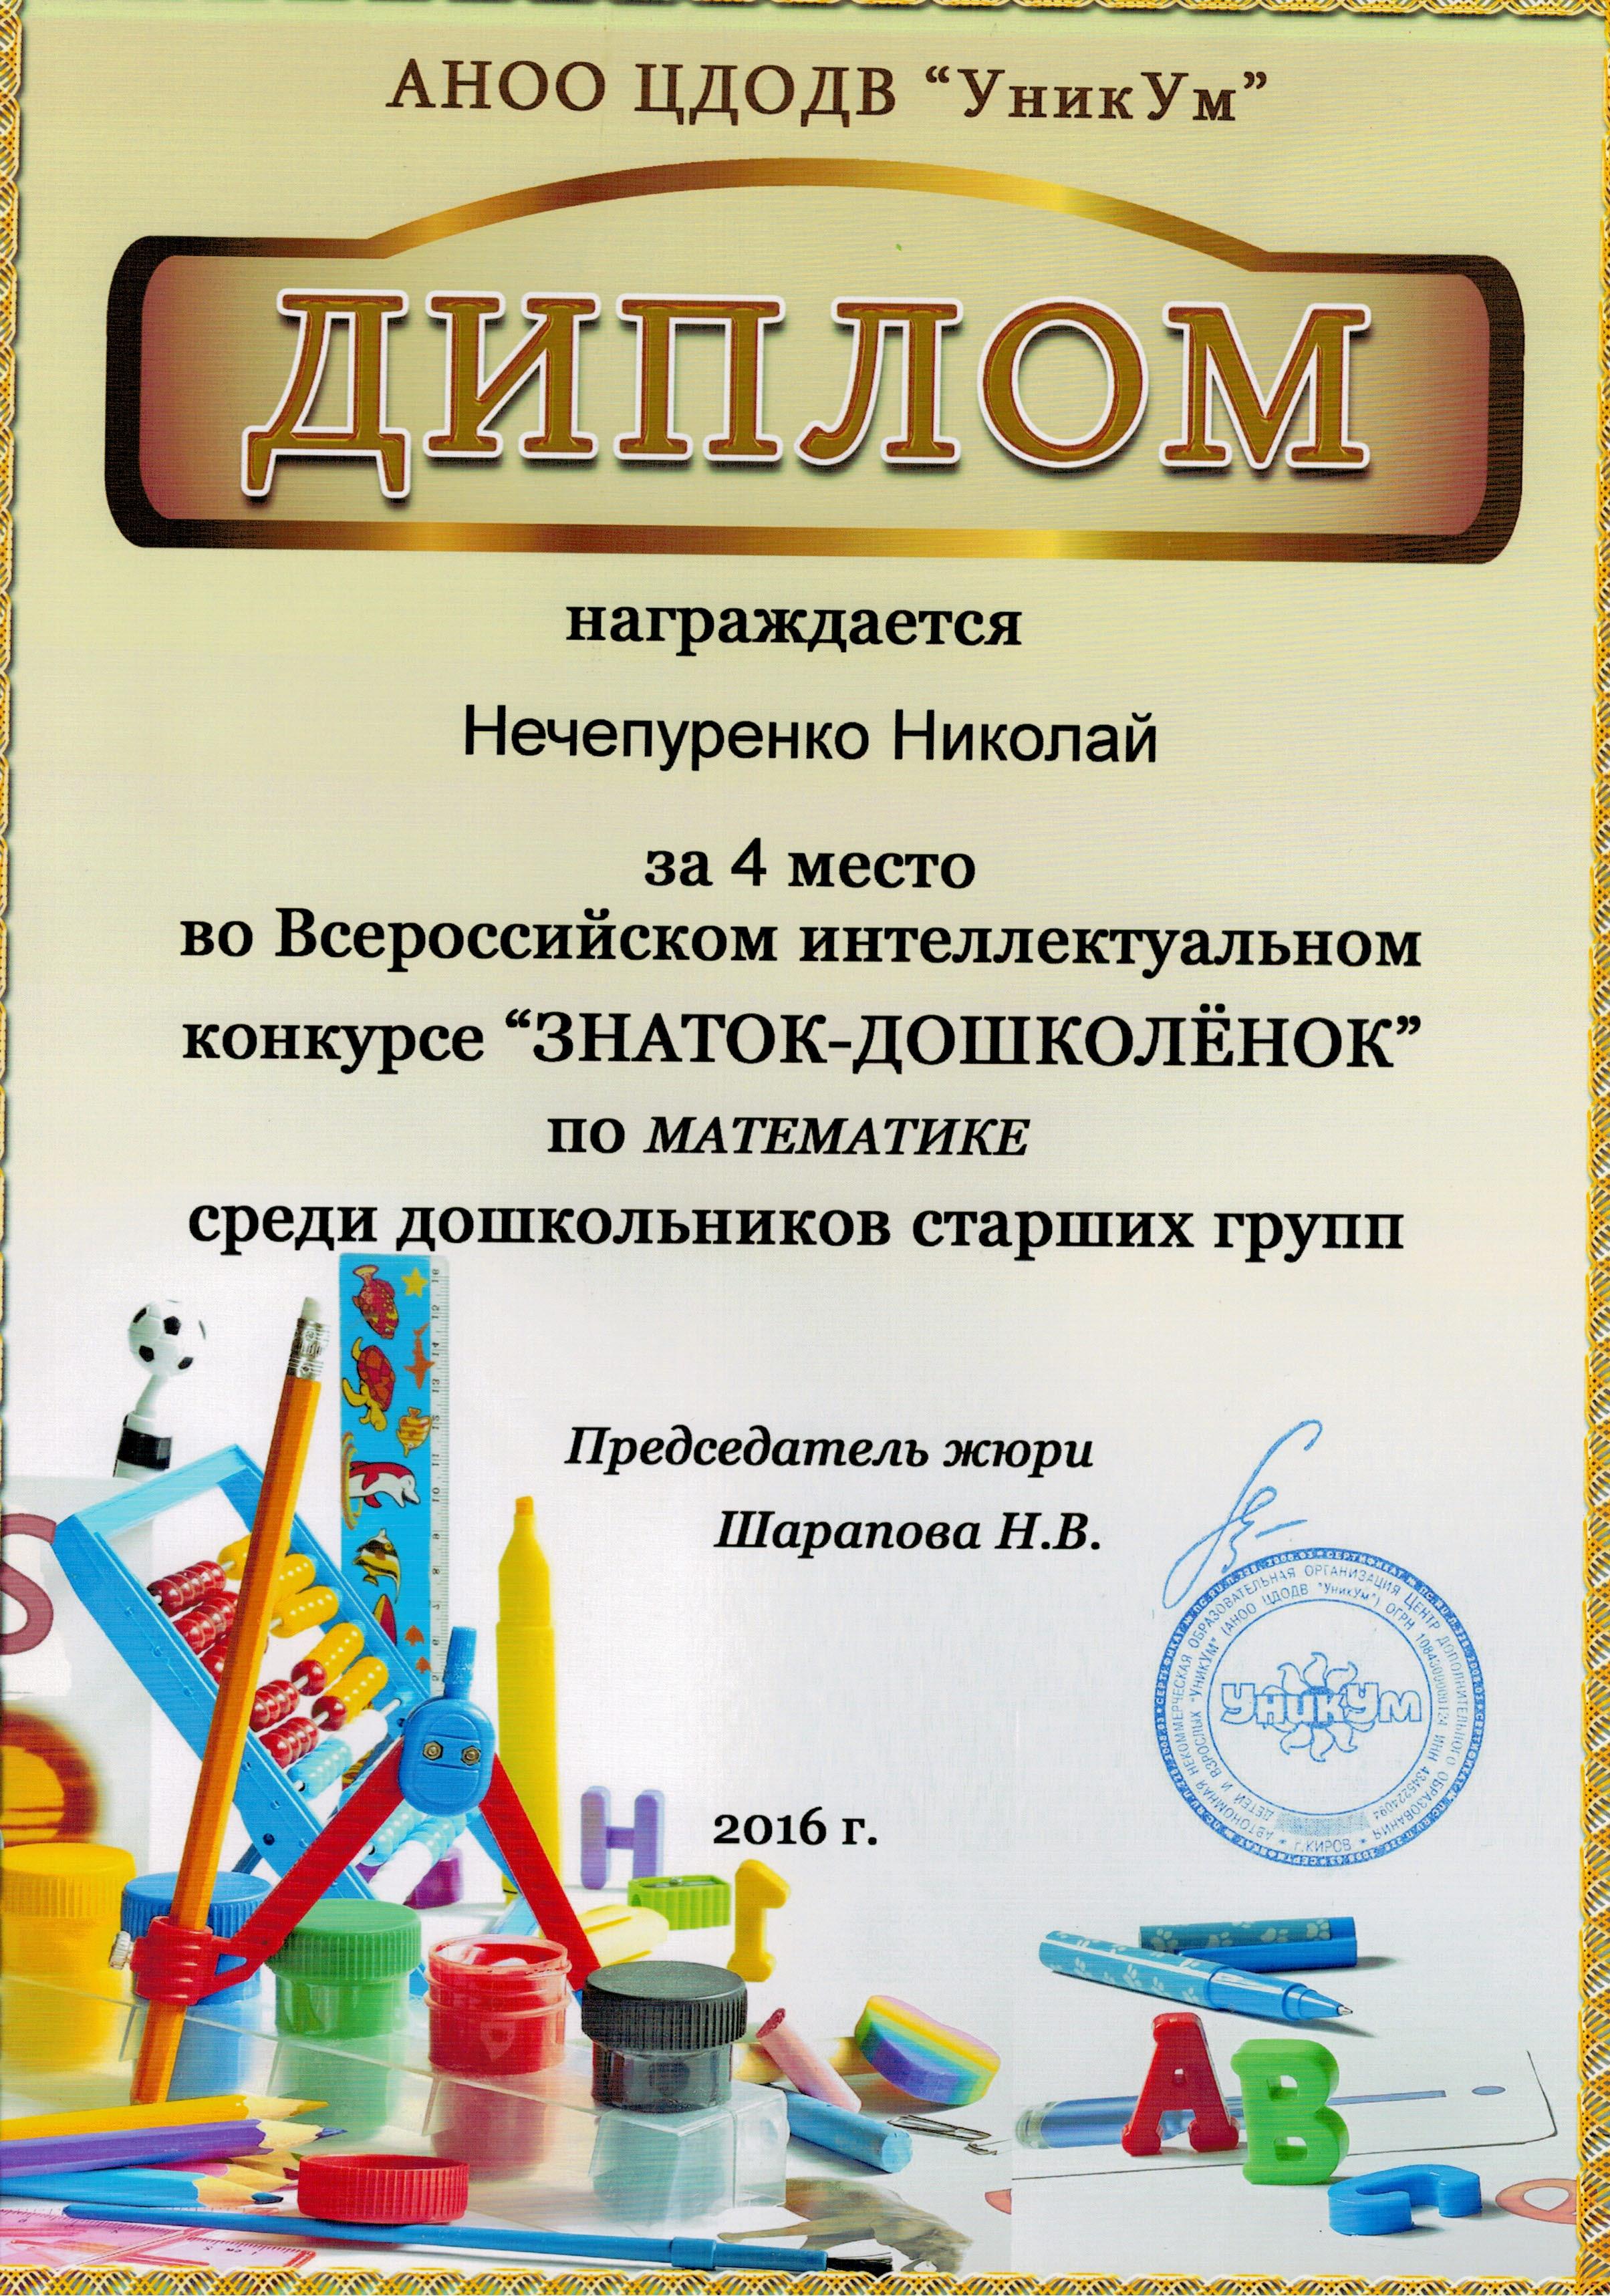 Положение интеллектуального конкурса для дошкольников